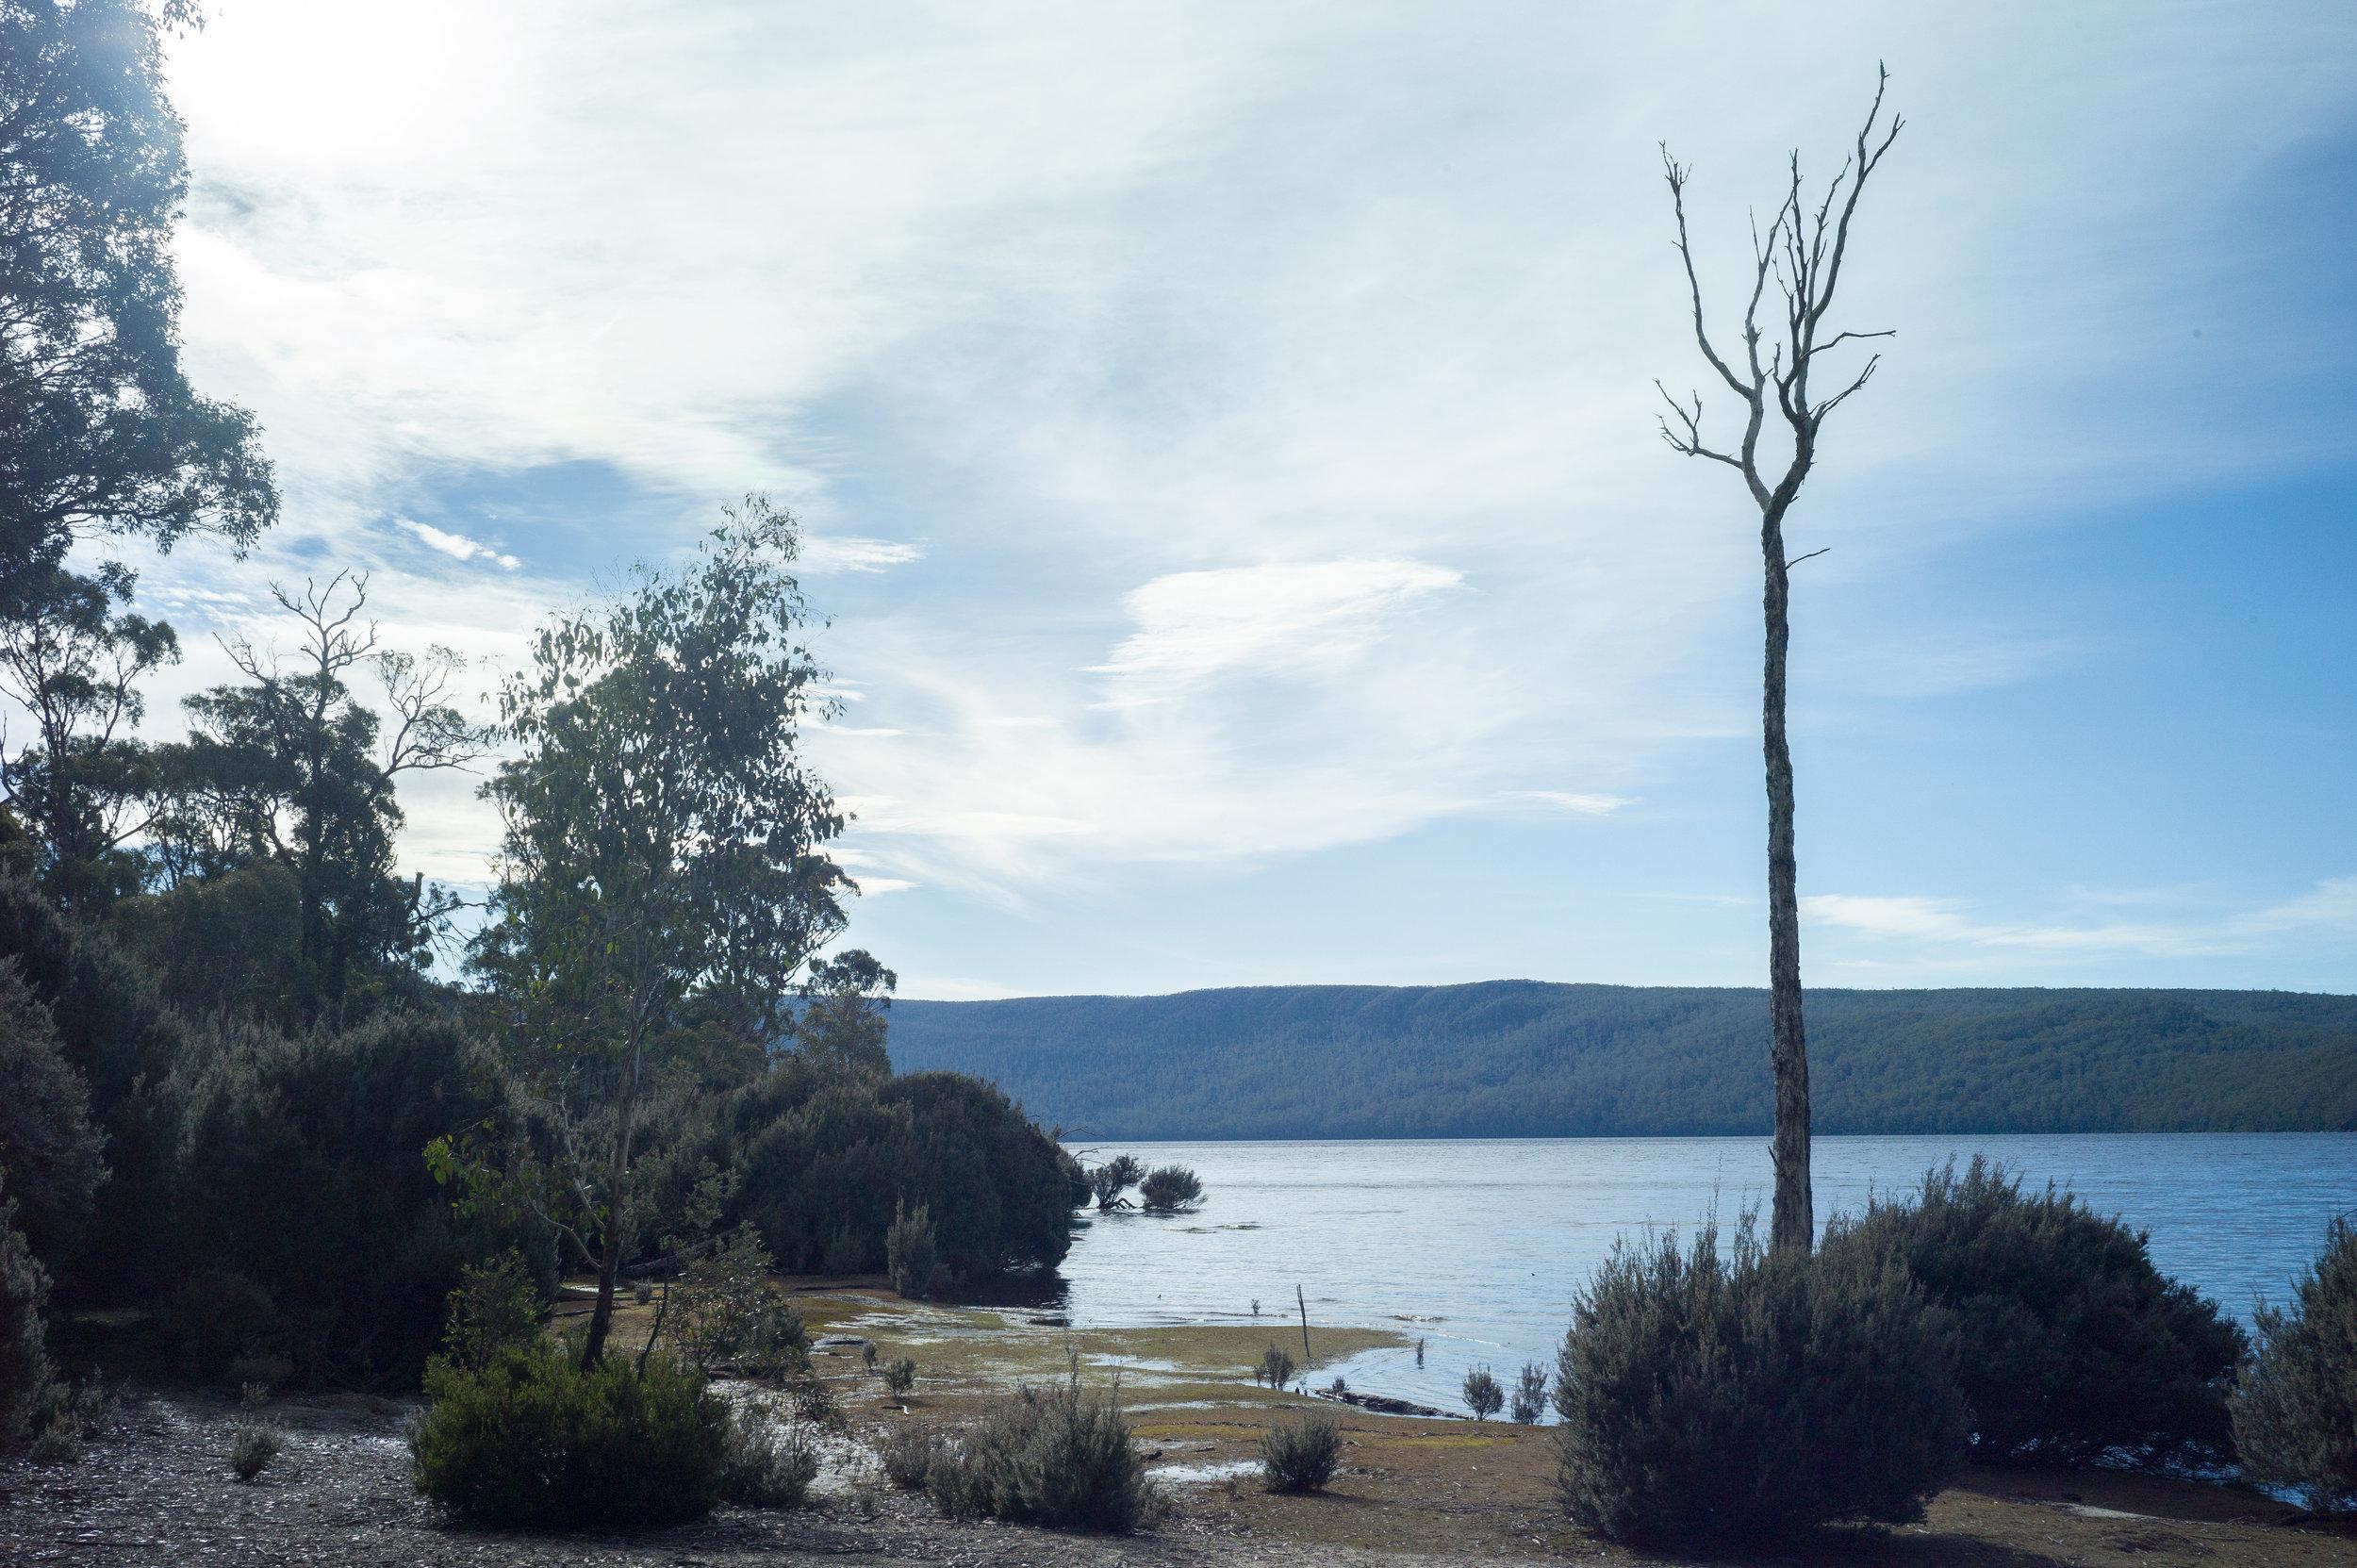 Lake St. Clair, Tasmania, 2019